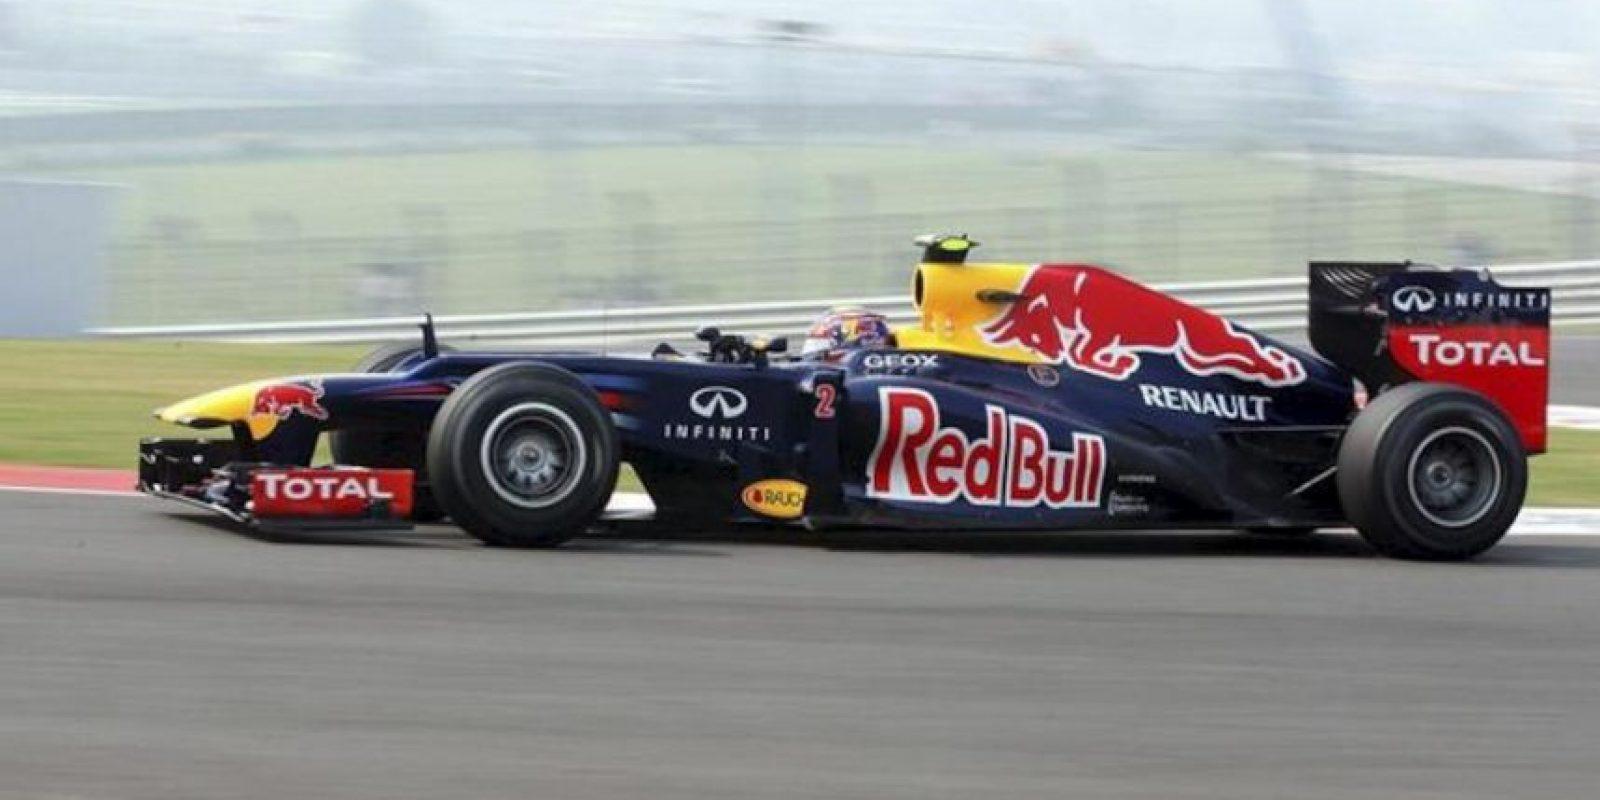 El piloto australiano de Fórmula Uno Mark Webber, de Red Bull, conduce su monoplaza durante la primera sesión de entrenamientos libres en el circuito internacional de Buddh a las afueras de Nueva Delhi (India) hoy, viernes 26 de octubre de 2012. EFE